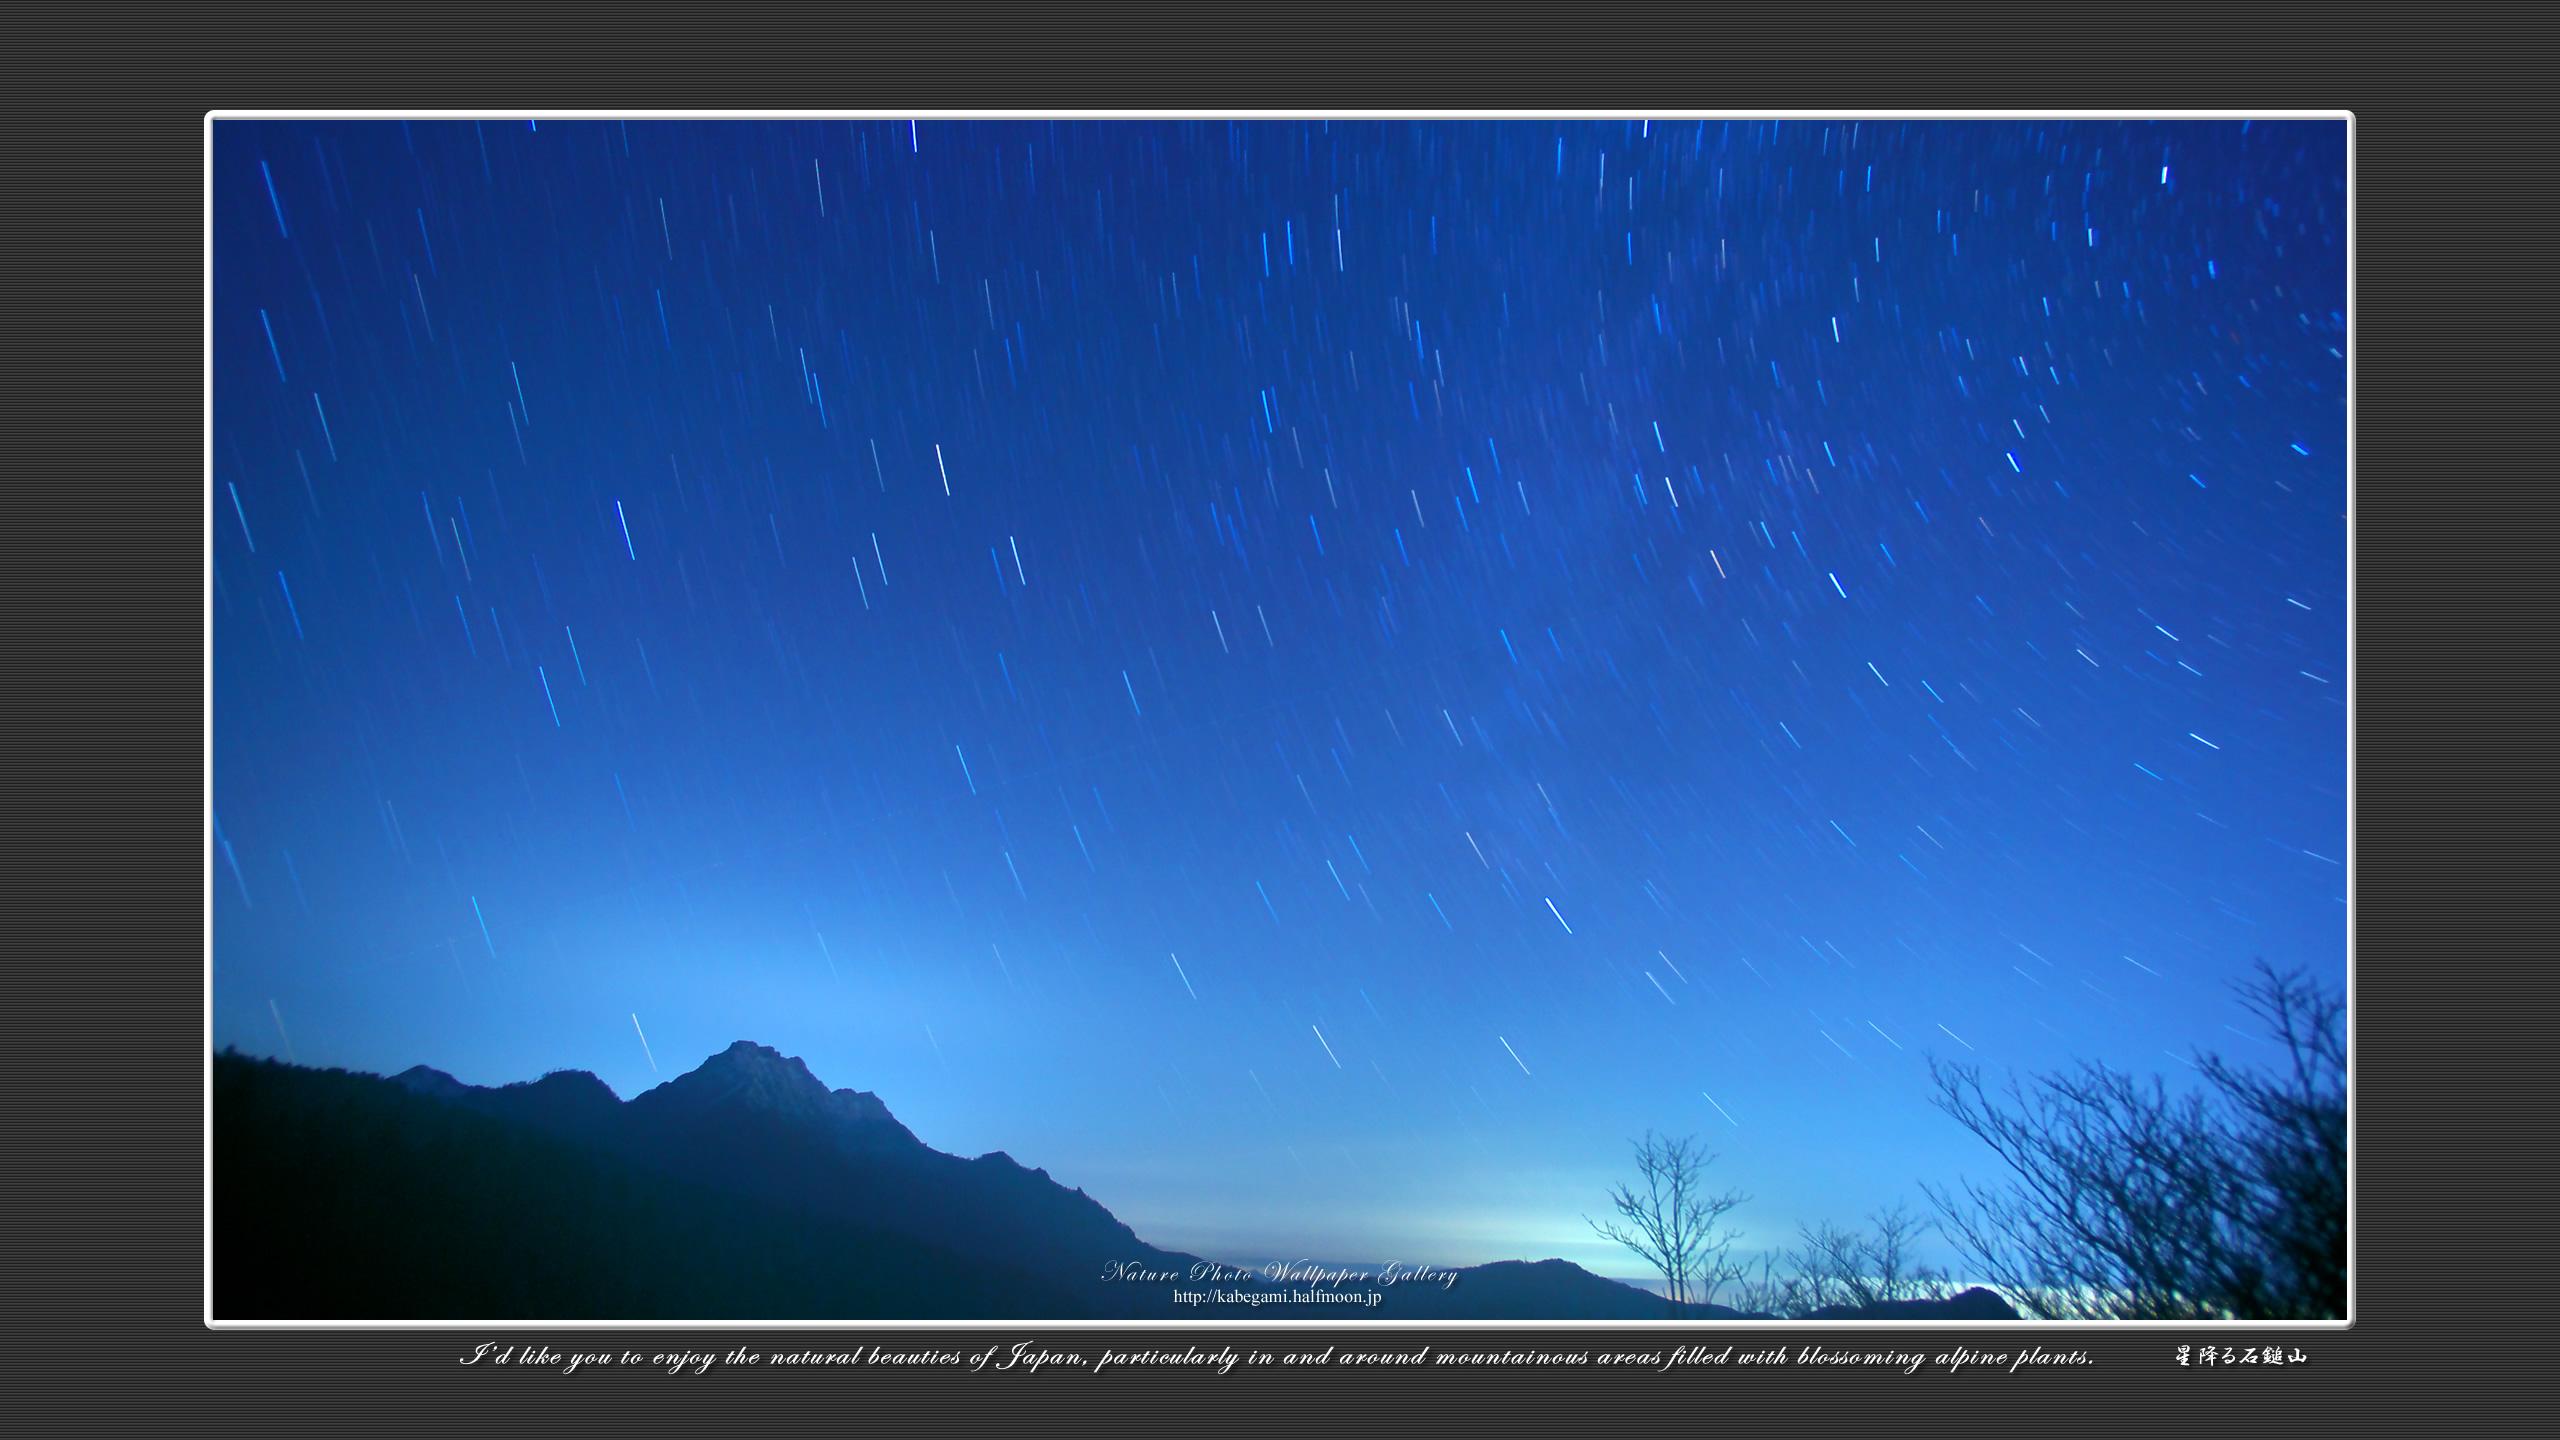 星景写真の高画質壁紙集 星降る石鎚山 4 ネイチャーフォト壁紙館